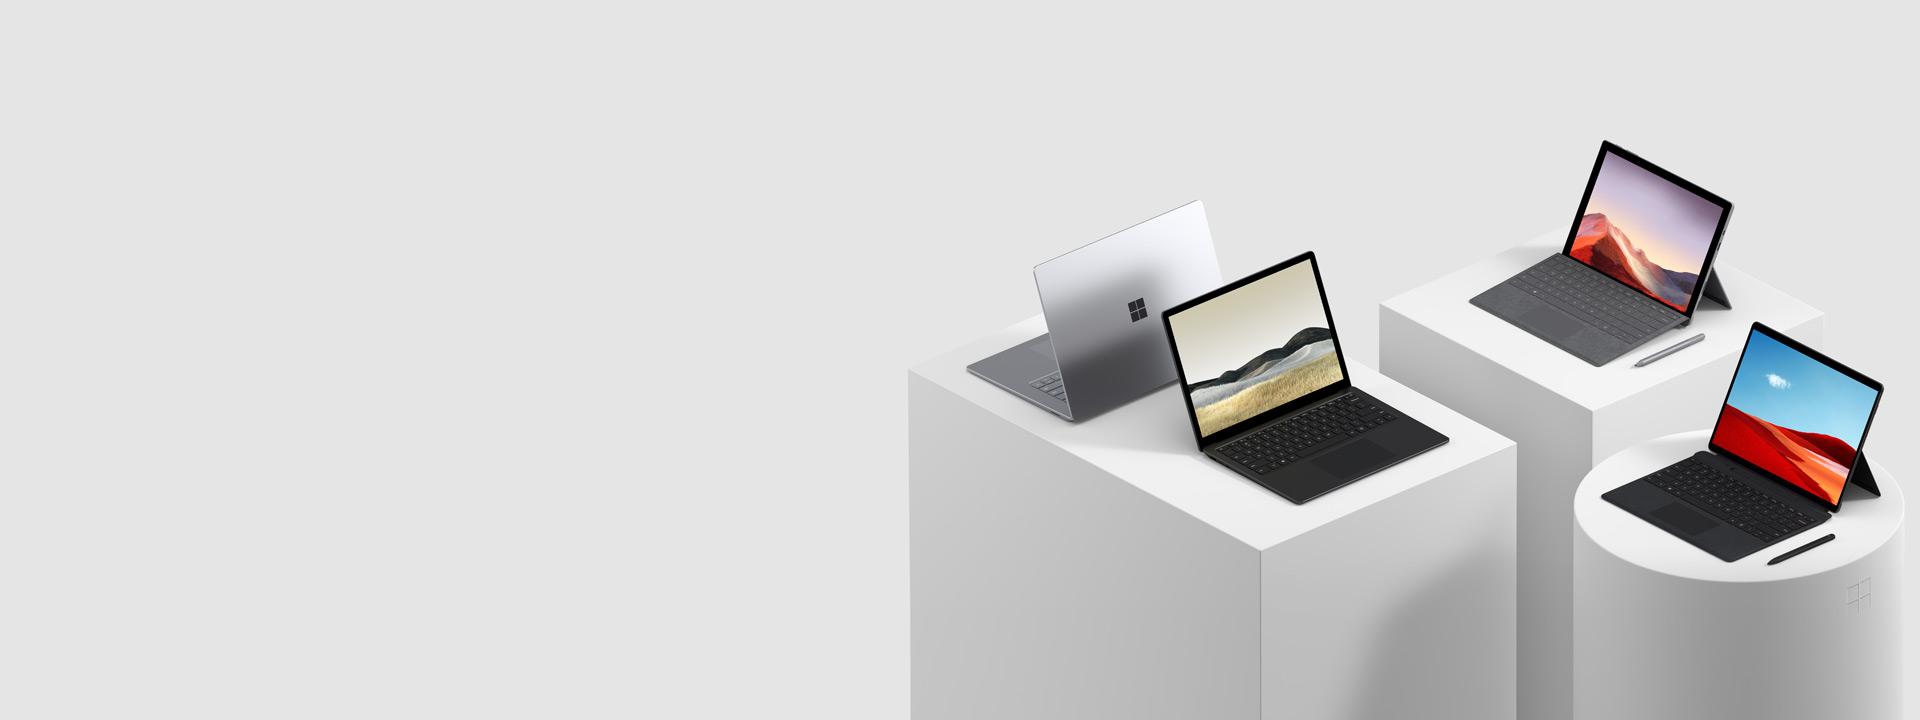 Plusieurs ordinateurs de la gamme Surface: Surface Pro 7, Surface Pro X, SurfaceBook2, SurfaceStudio2 et SurfaceGo